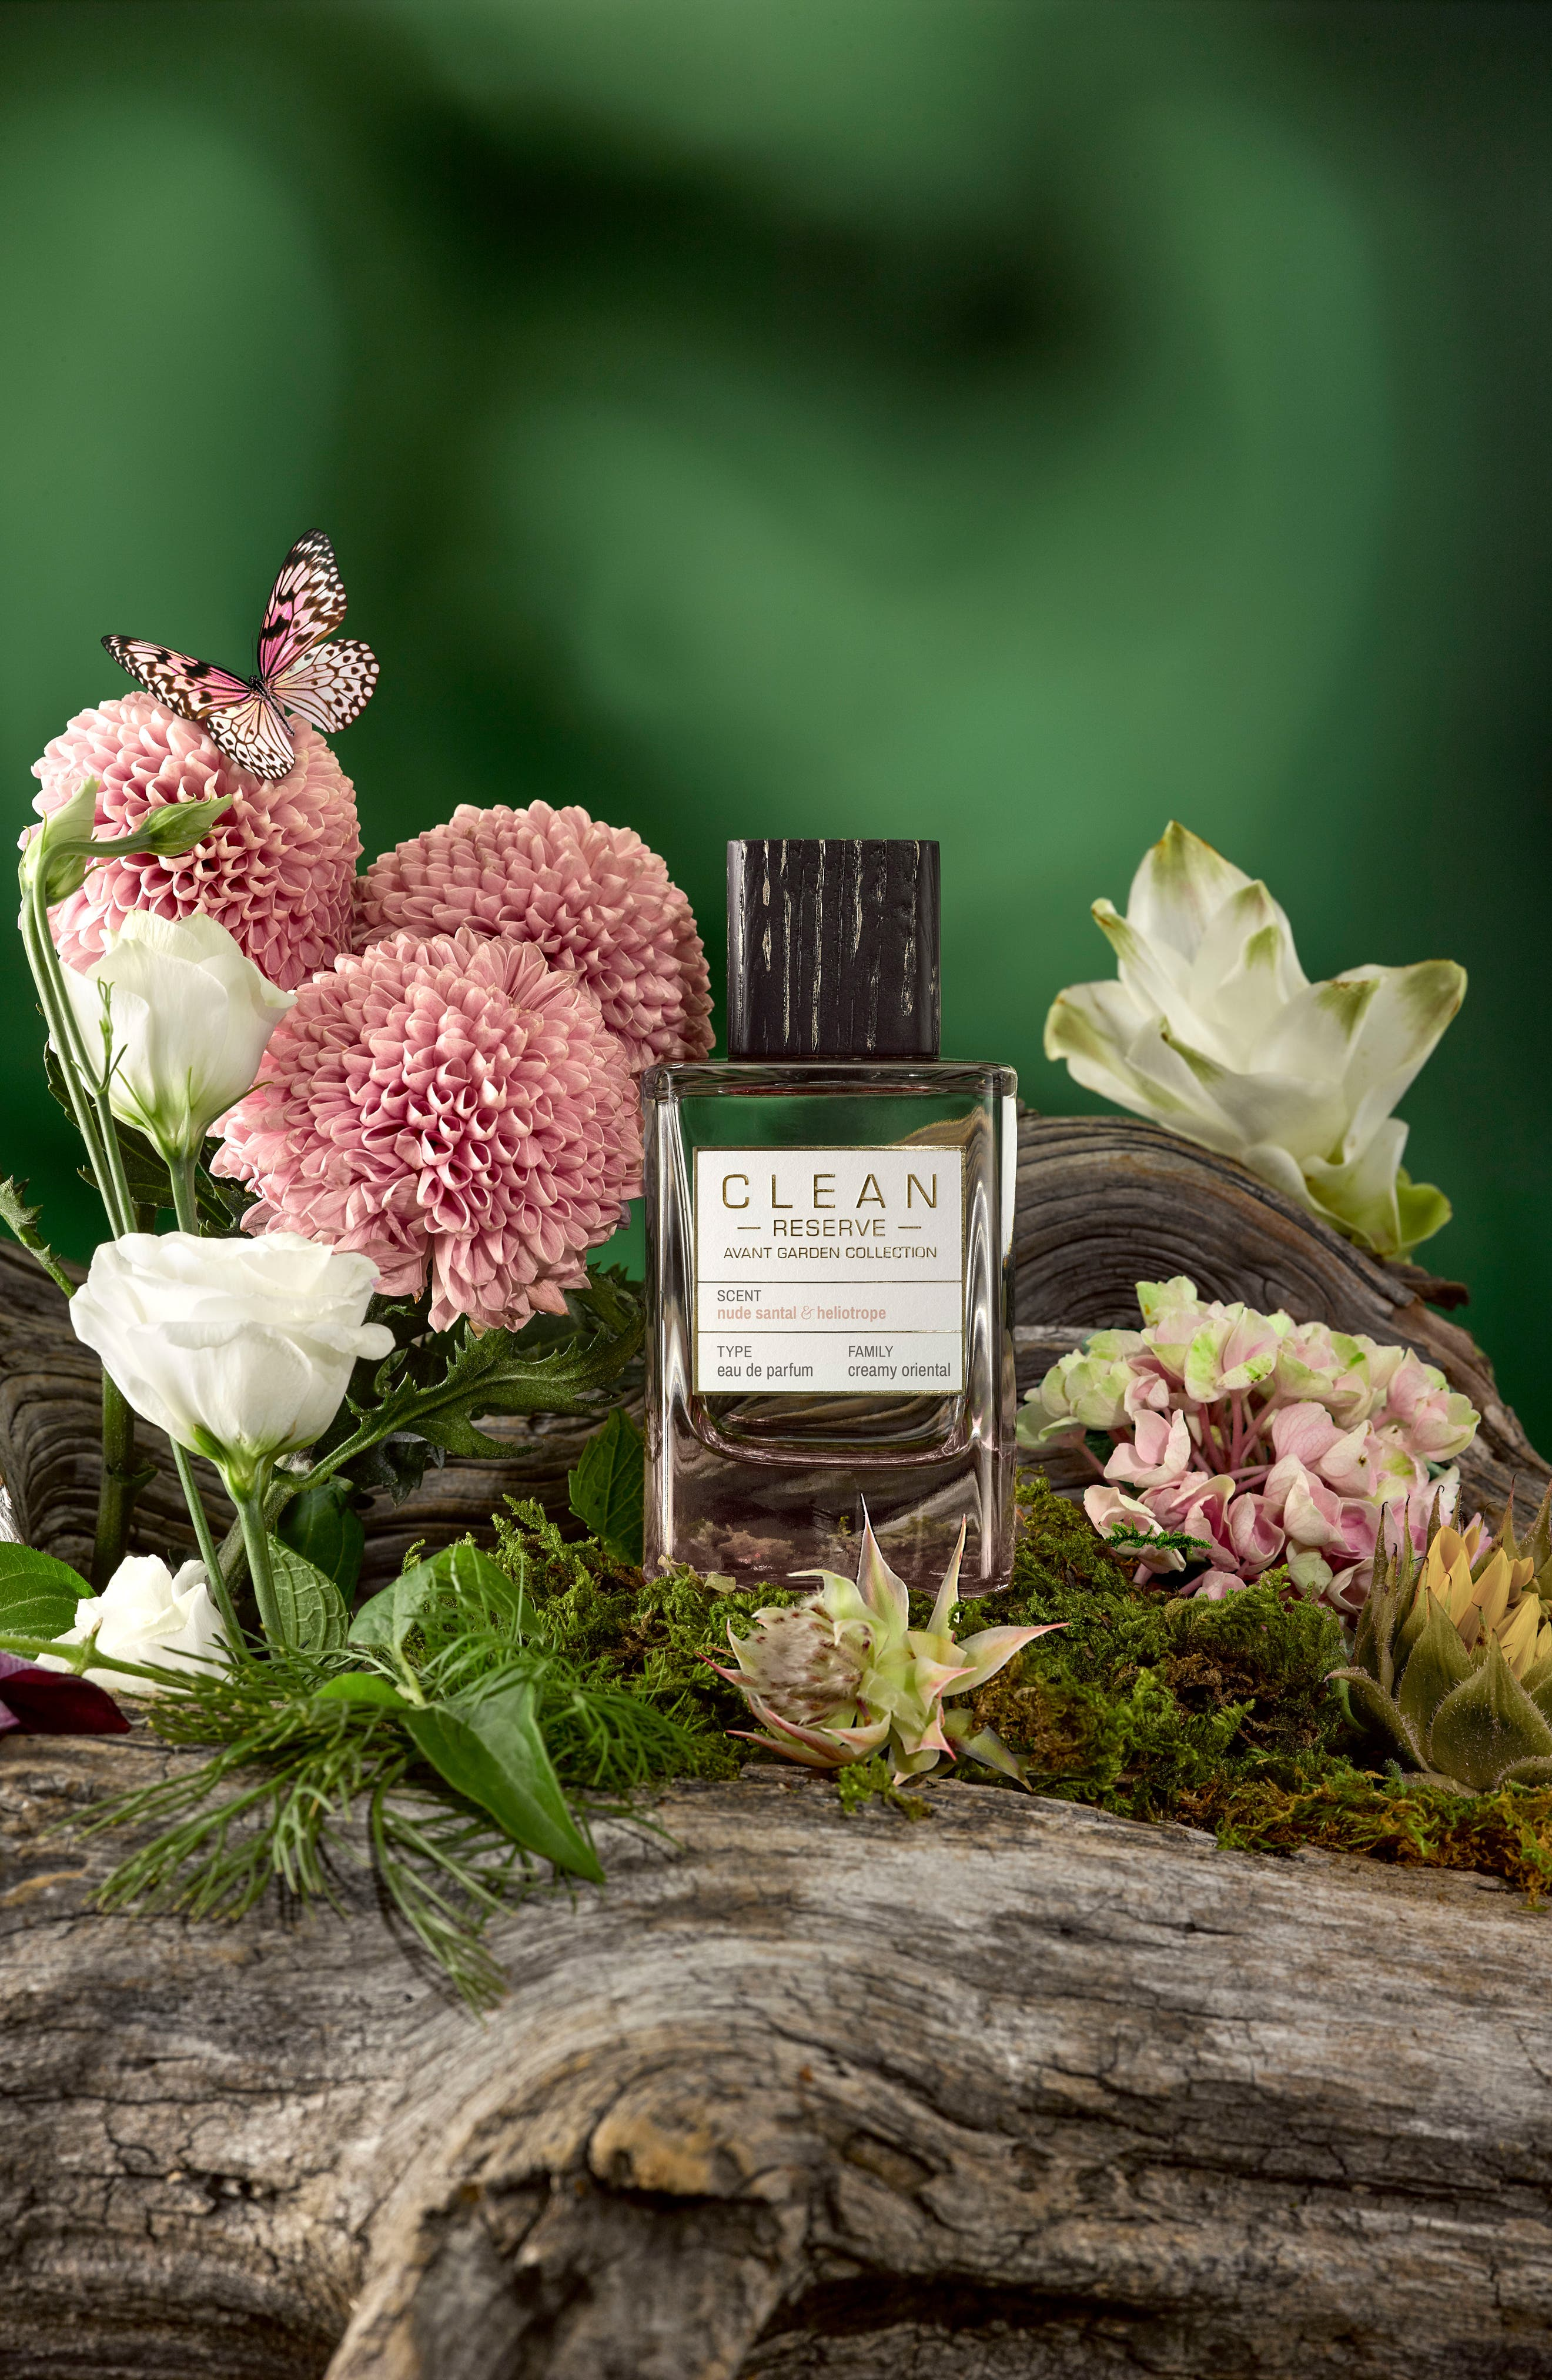 Avant Garden Nude Santal & Heliotrope Eau de Parfum,                             Alternate thumbnail 3, color,                             No Color